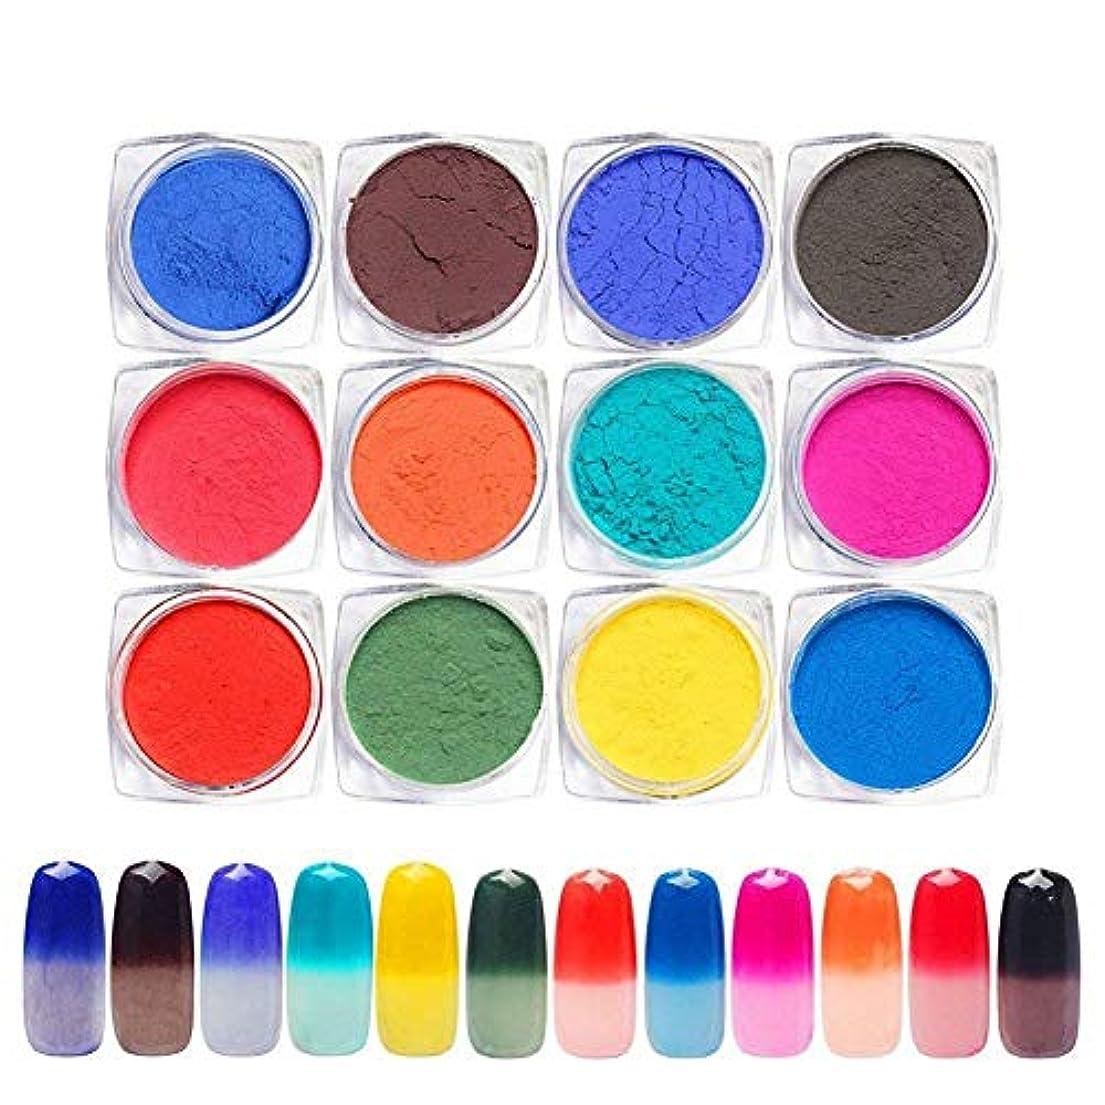 どきどきインストール輝度12色セット 温度によって色が変わるパウダー 変色ネイルパウダー ネイルパーツ ジェルネイル ネイルアート1g入り